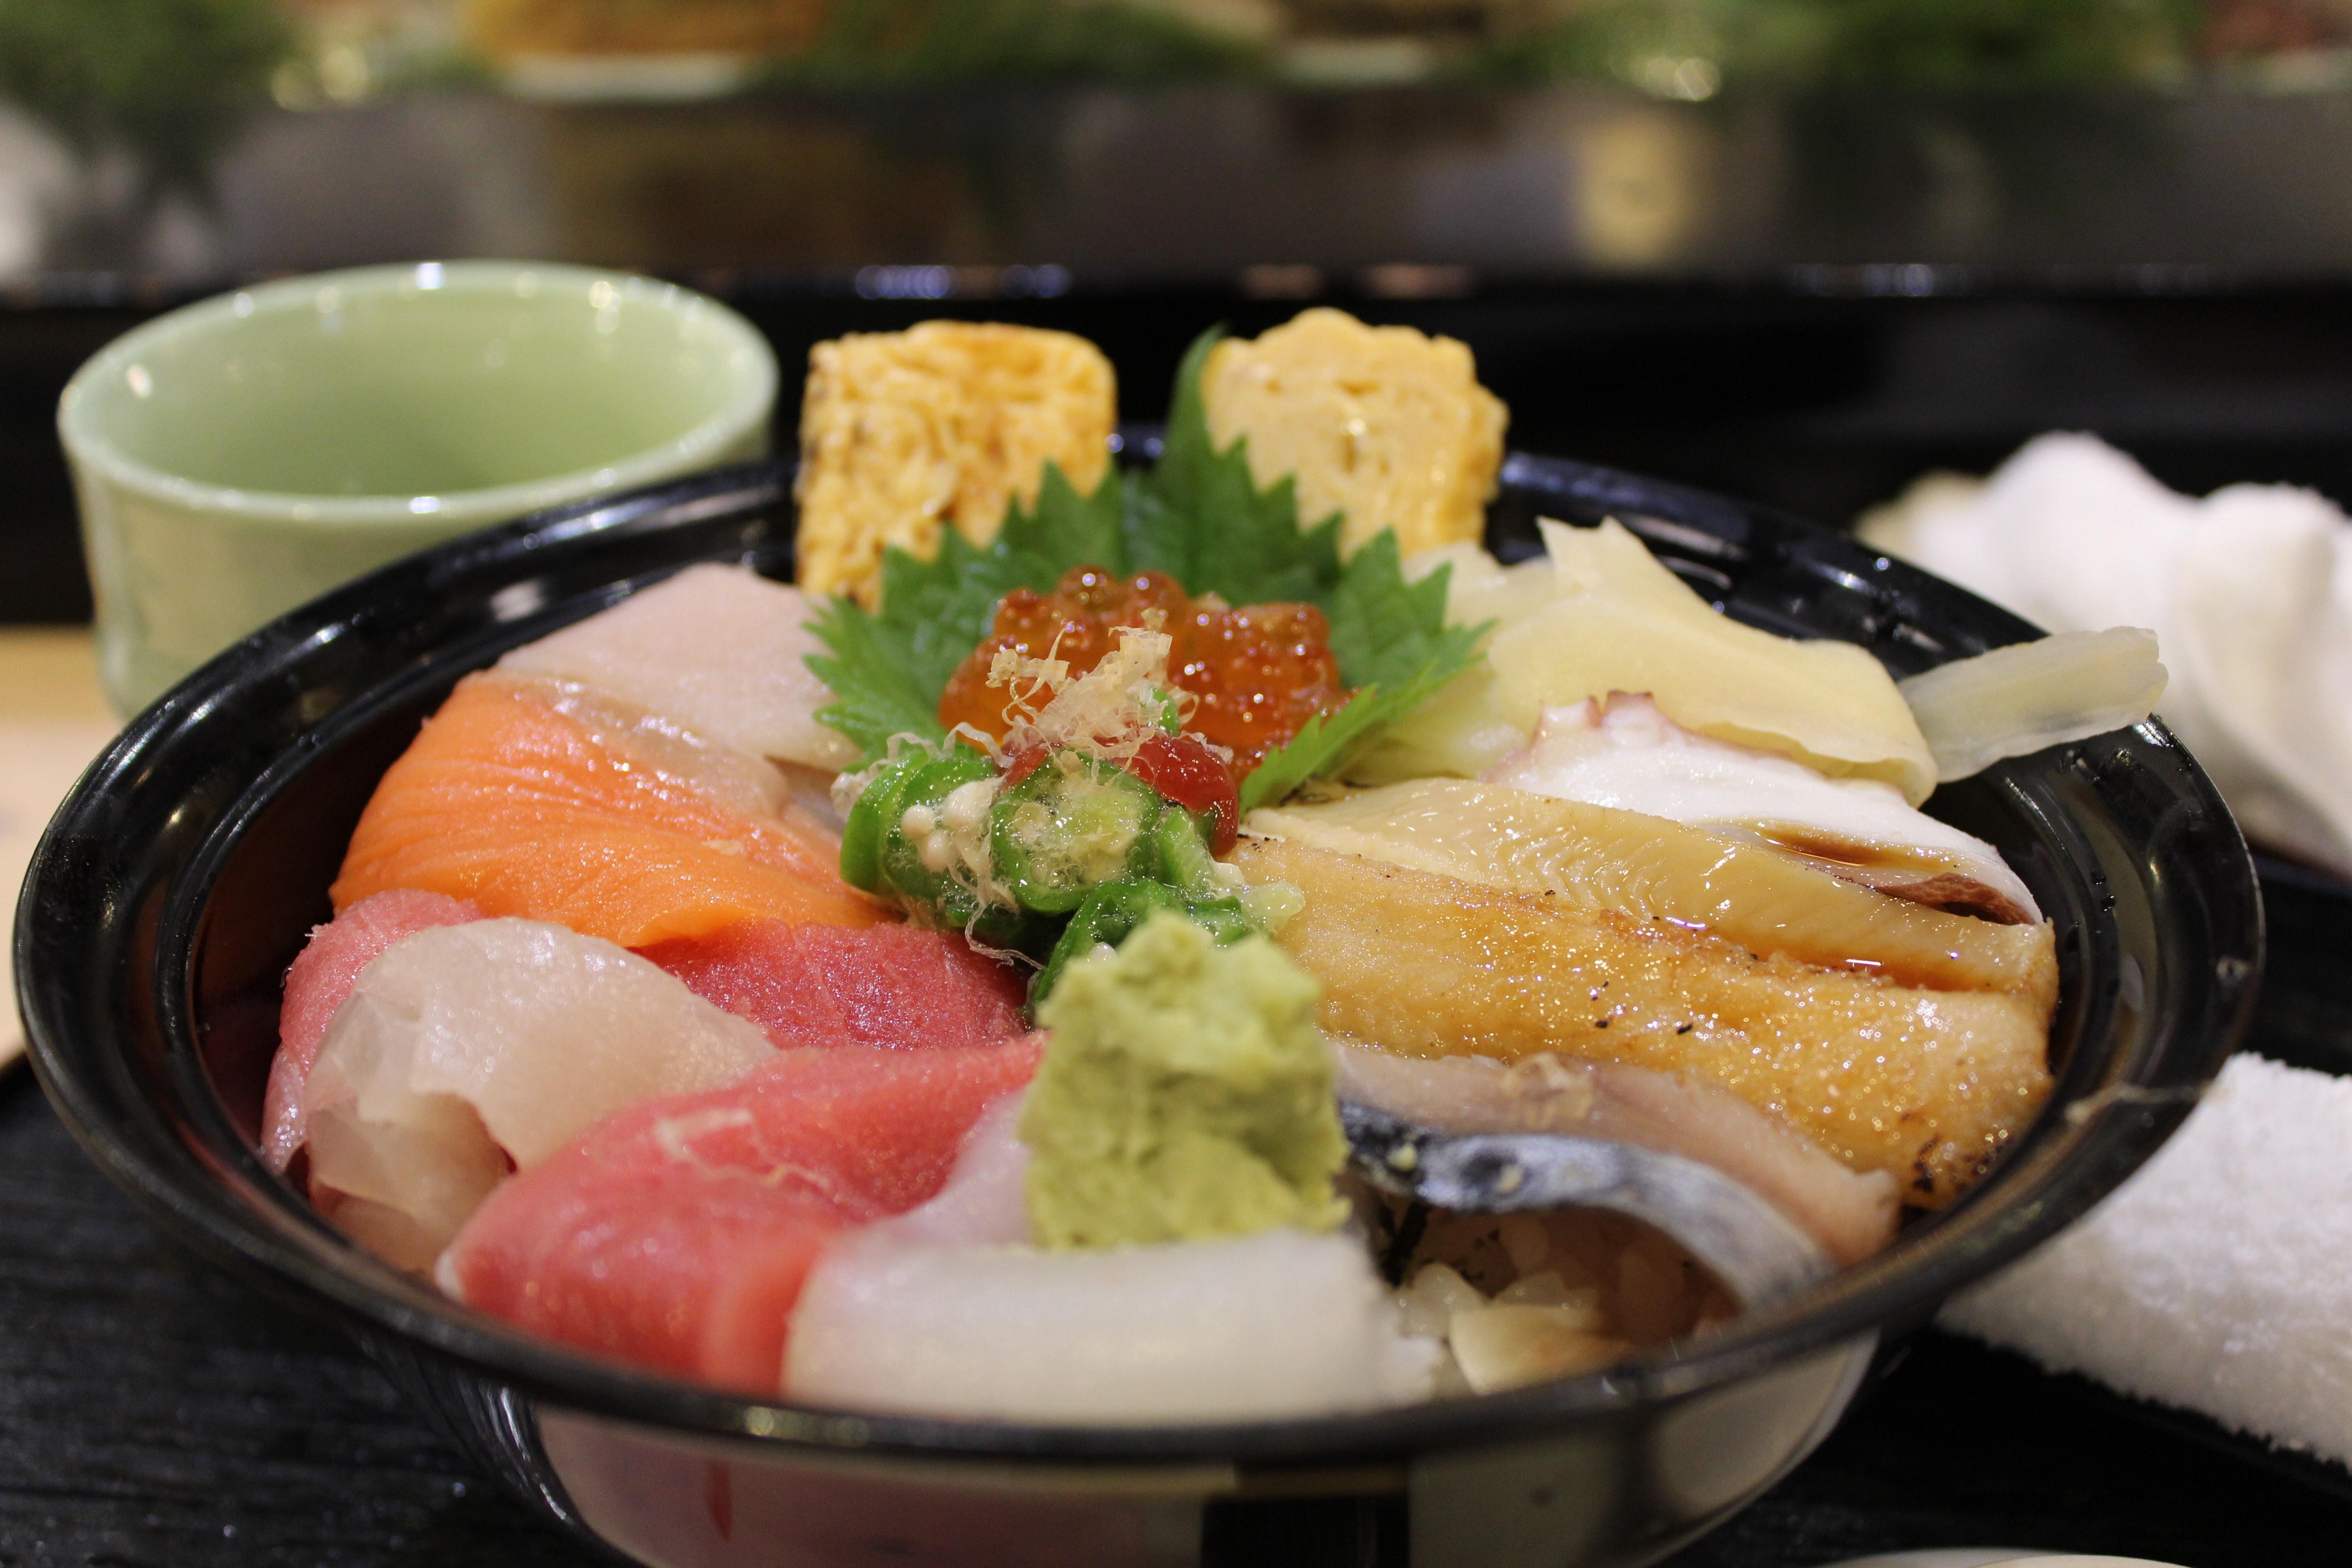 鮨國はウニ丼が美味しい築地の人気店!贅沢メニューをお腹いっぱい味わおう!